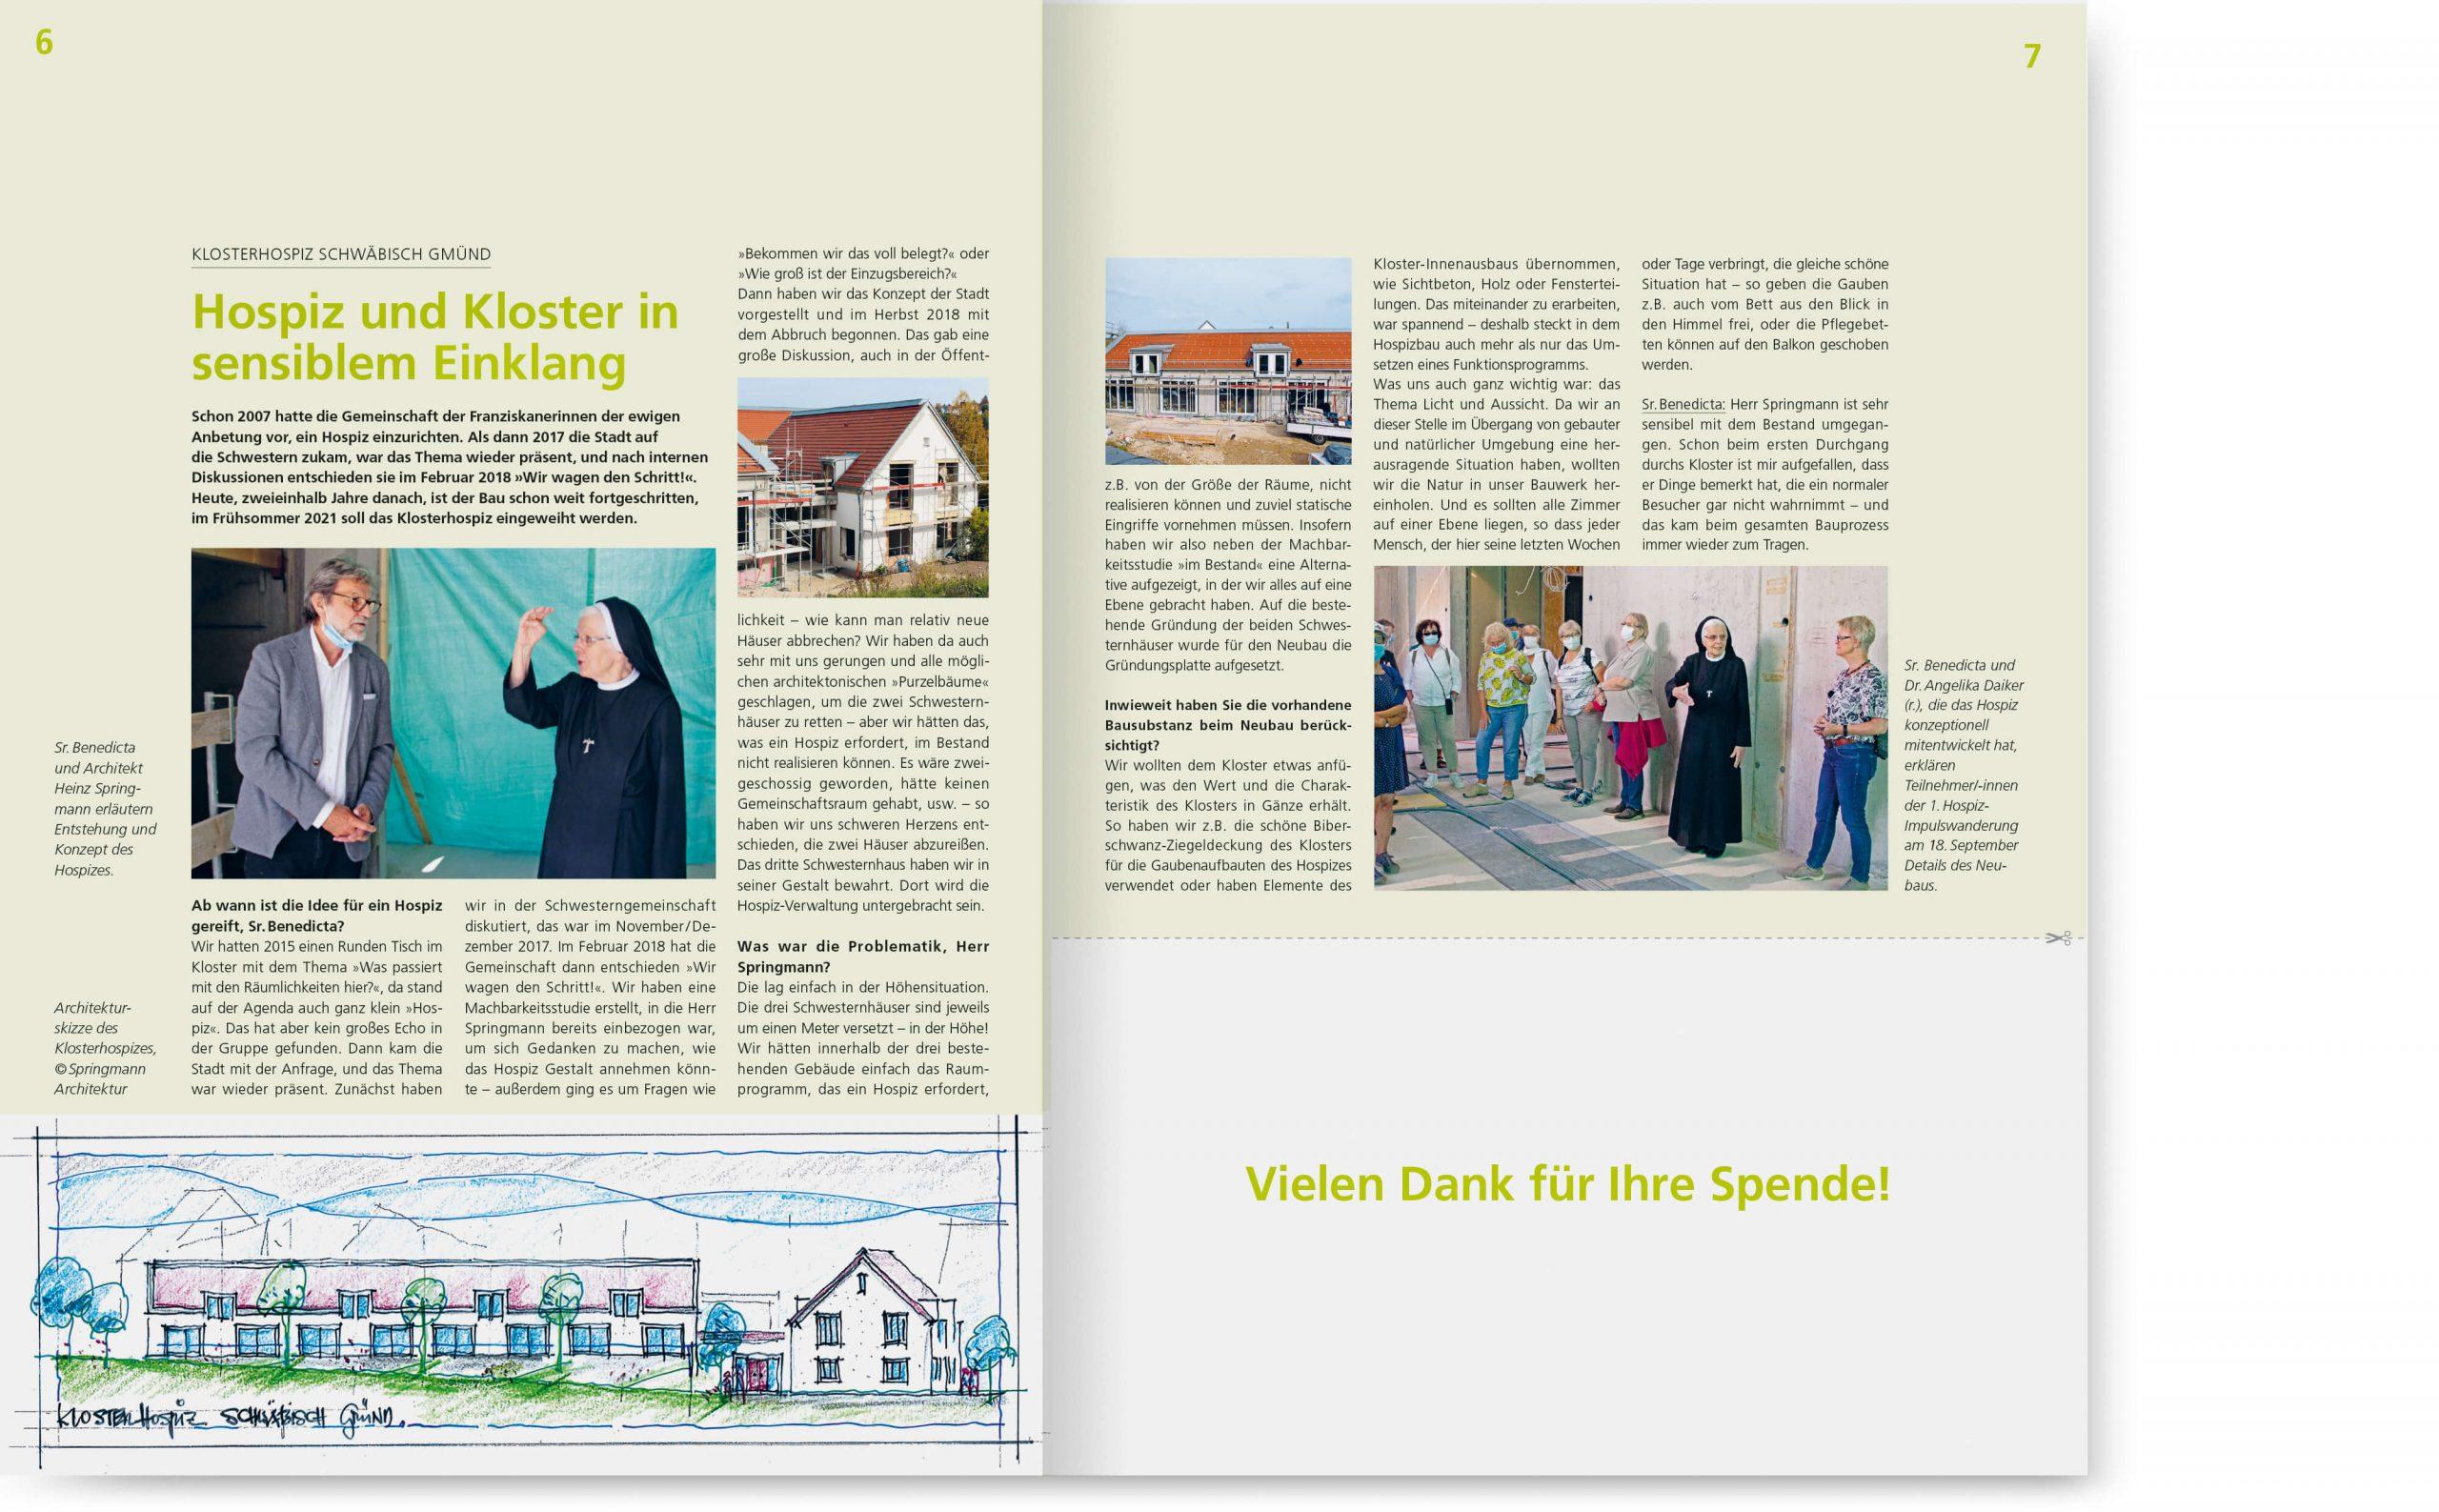 fh-web-APWS-Stiftungsbrief-2020-4-scaled.jpg